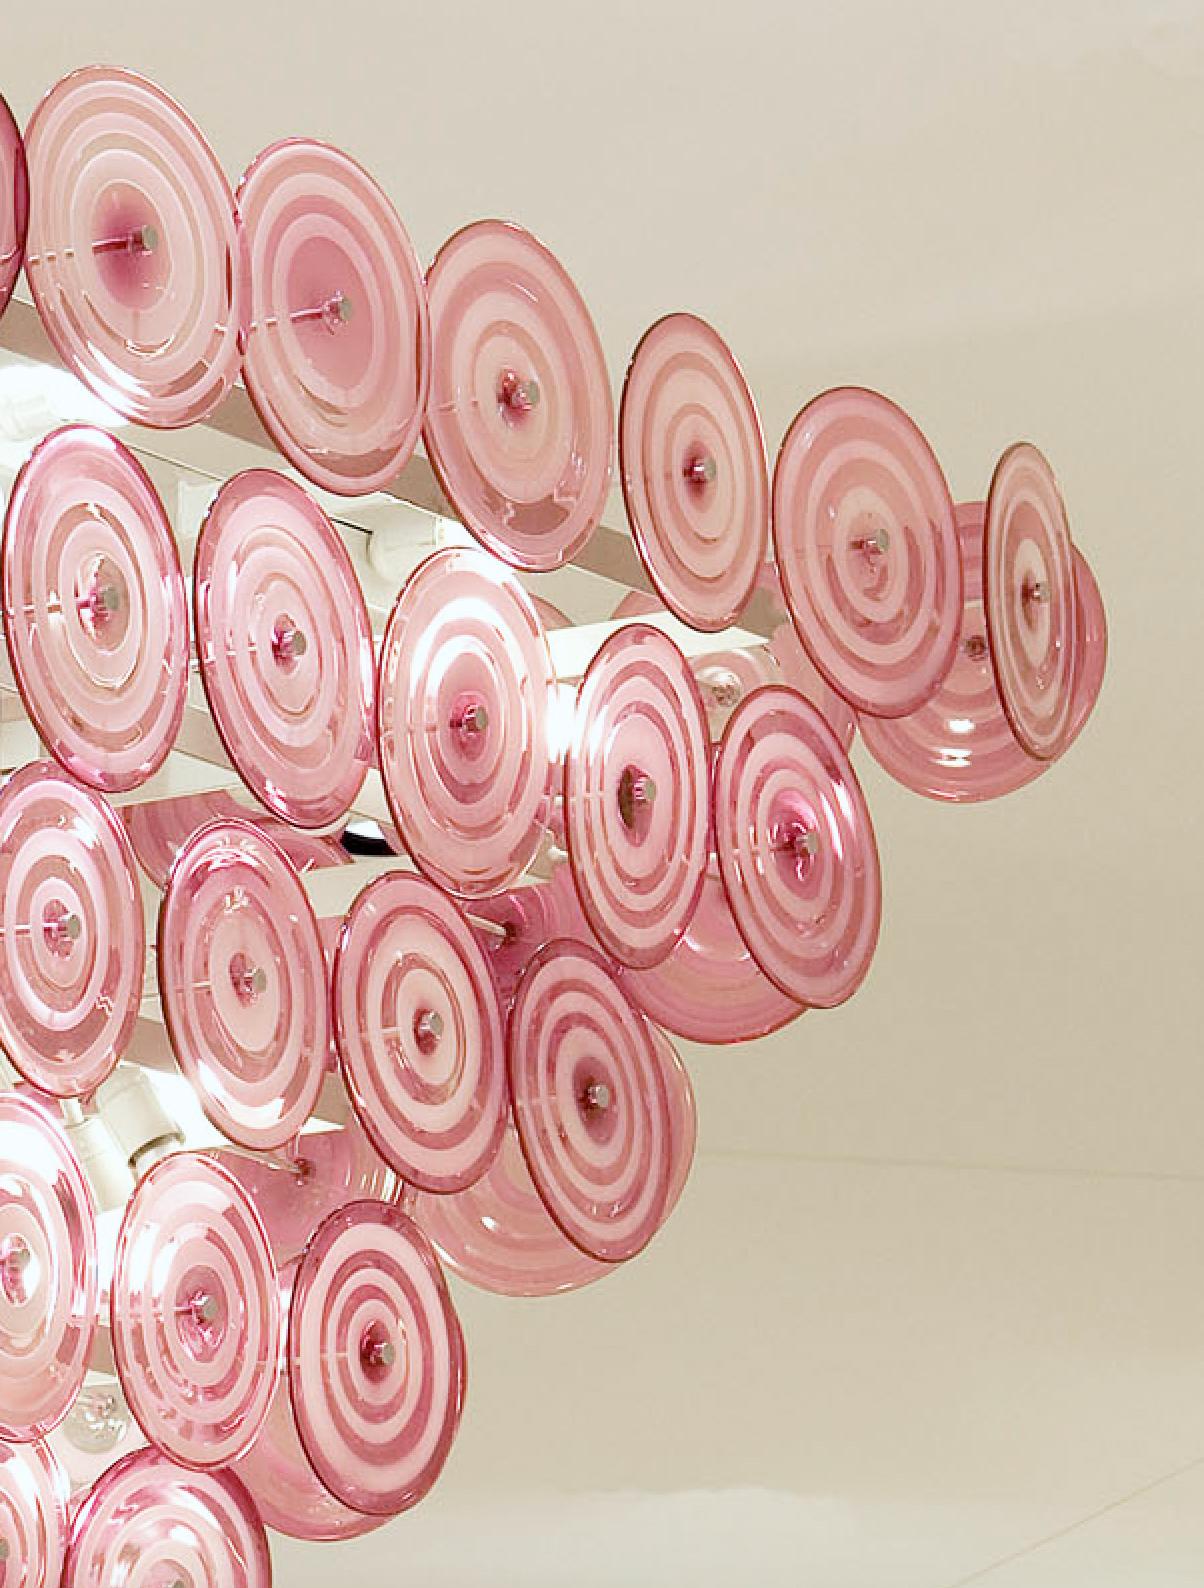 barneys lights detail.jpg